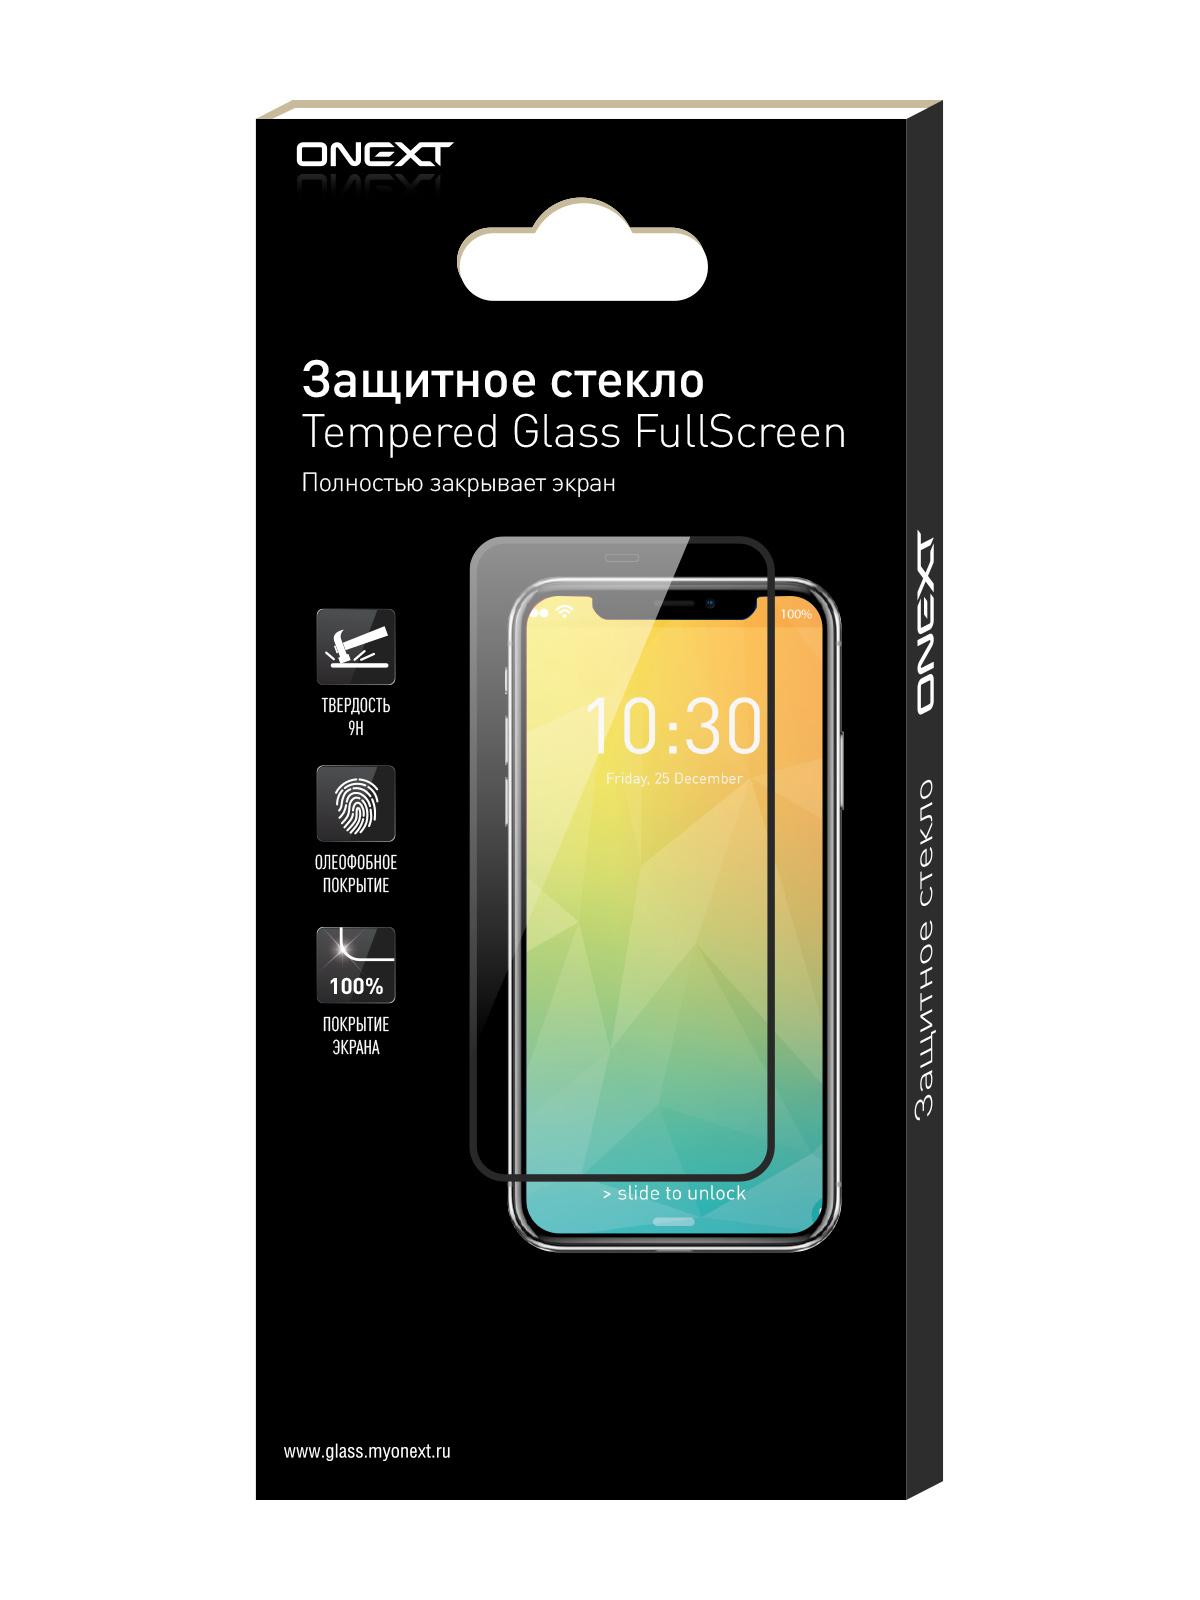 Защитное стекло ONEXT для Apple iPhone 7 Plus White